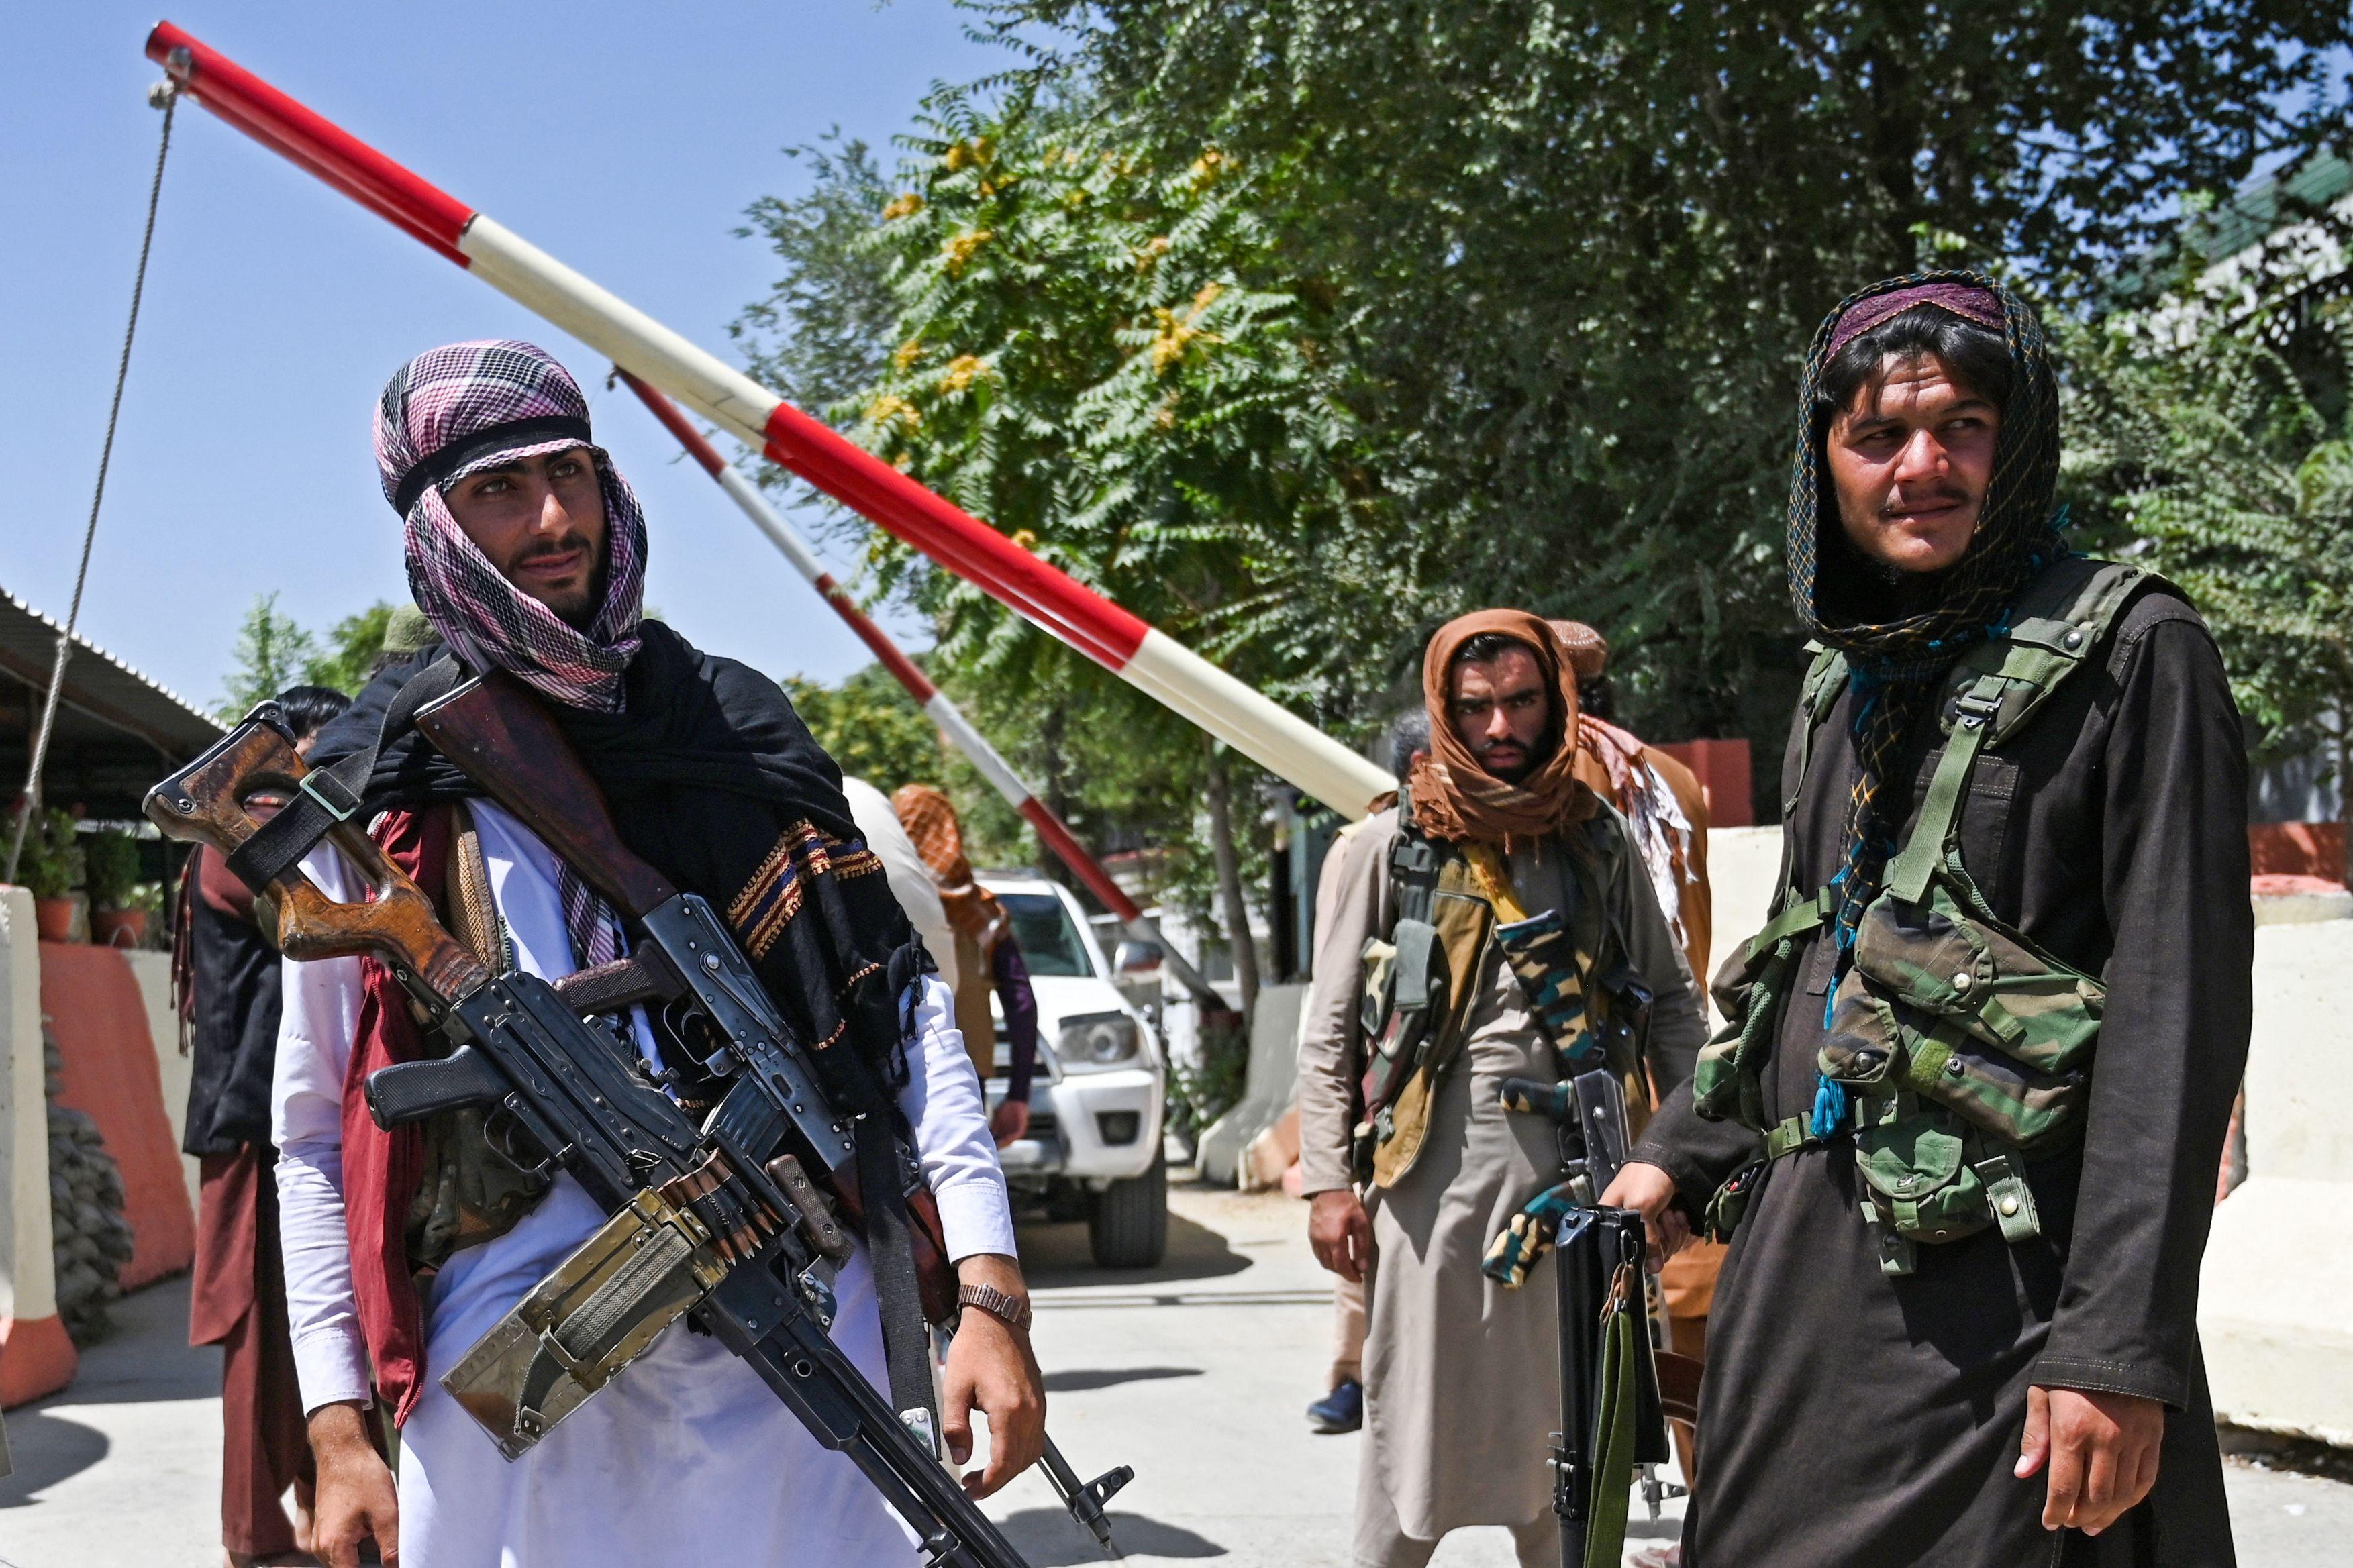 Los combatientes talibanes montan guardia a lo largo de una carretera cerca de la plaza Zanbaq en Kabul el 16 de agosto de 2021, después de un final asombrosamente rápido de la guerra de 20 años de Afganistán, mientras miles de personas asaltaban el aeropuerto de la ciudad tratando de huir de la temida marca de línea dura del grupo.